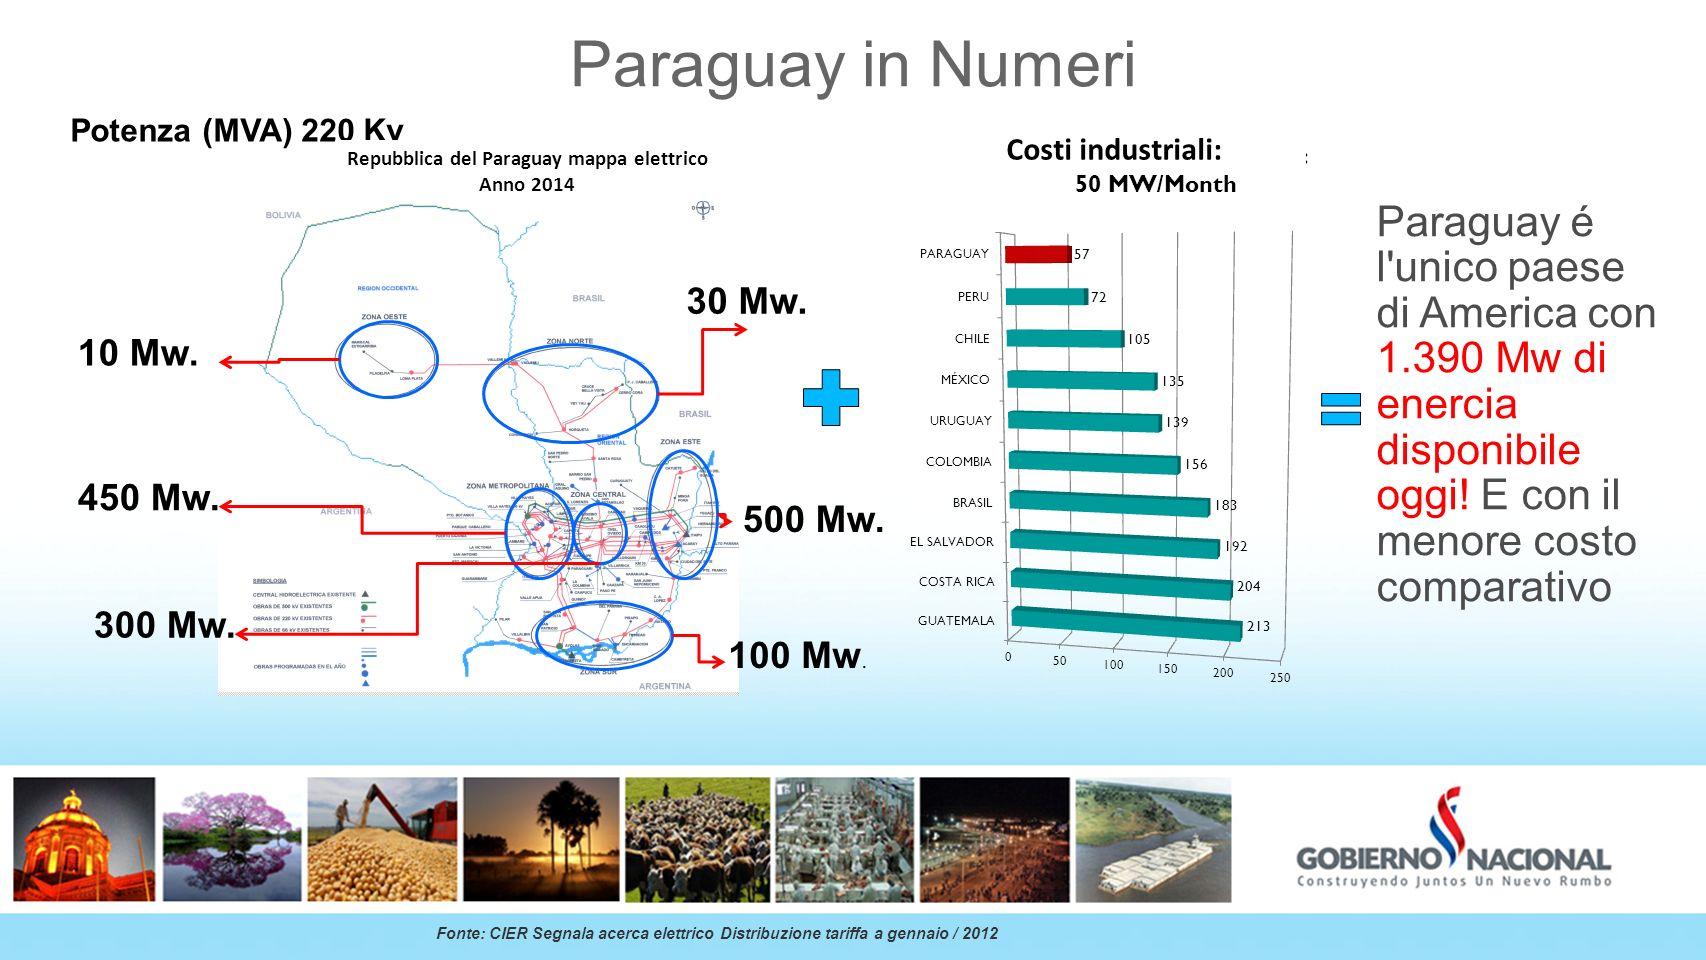 Repubblica del Paraguay mappa elettrico